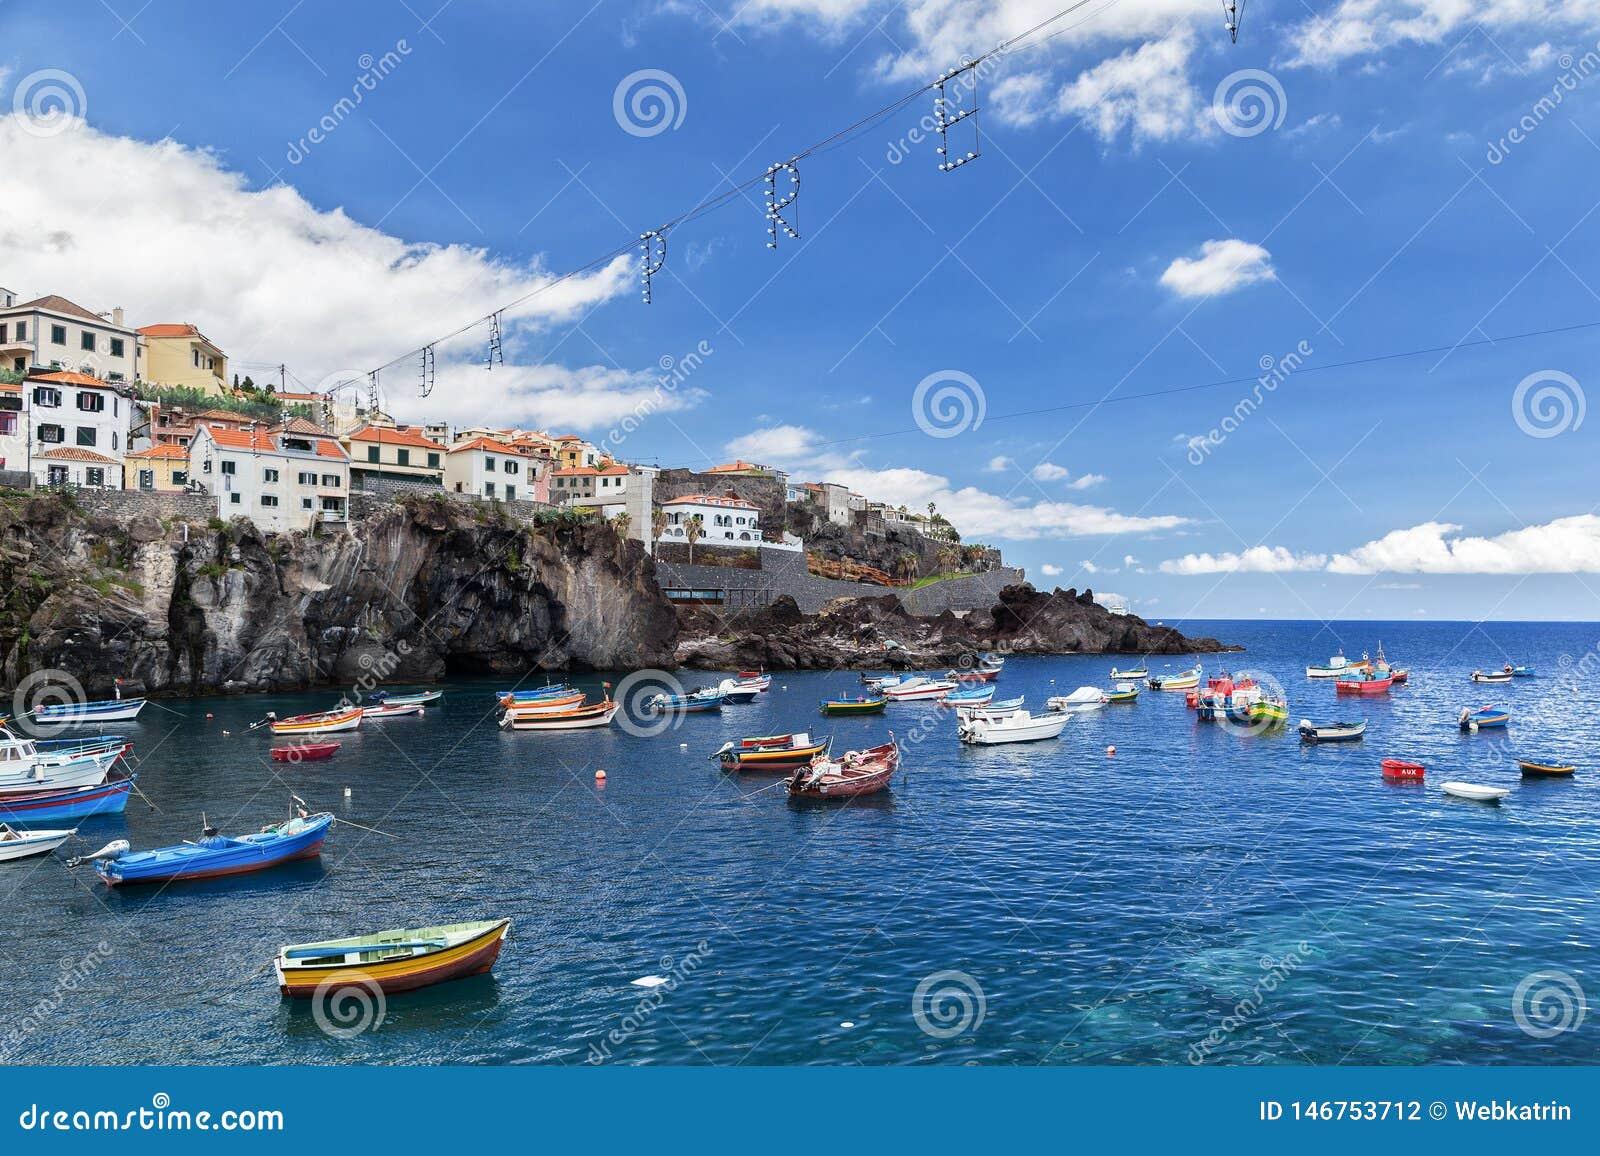 Camara de Lobos, Madeira, Portugal - 26 de julho de 2018: Barcos brilhantes dos pescadores na baía da vila